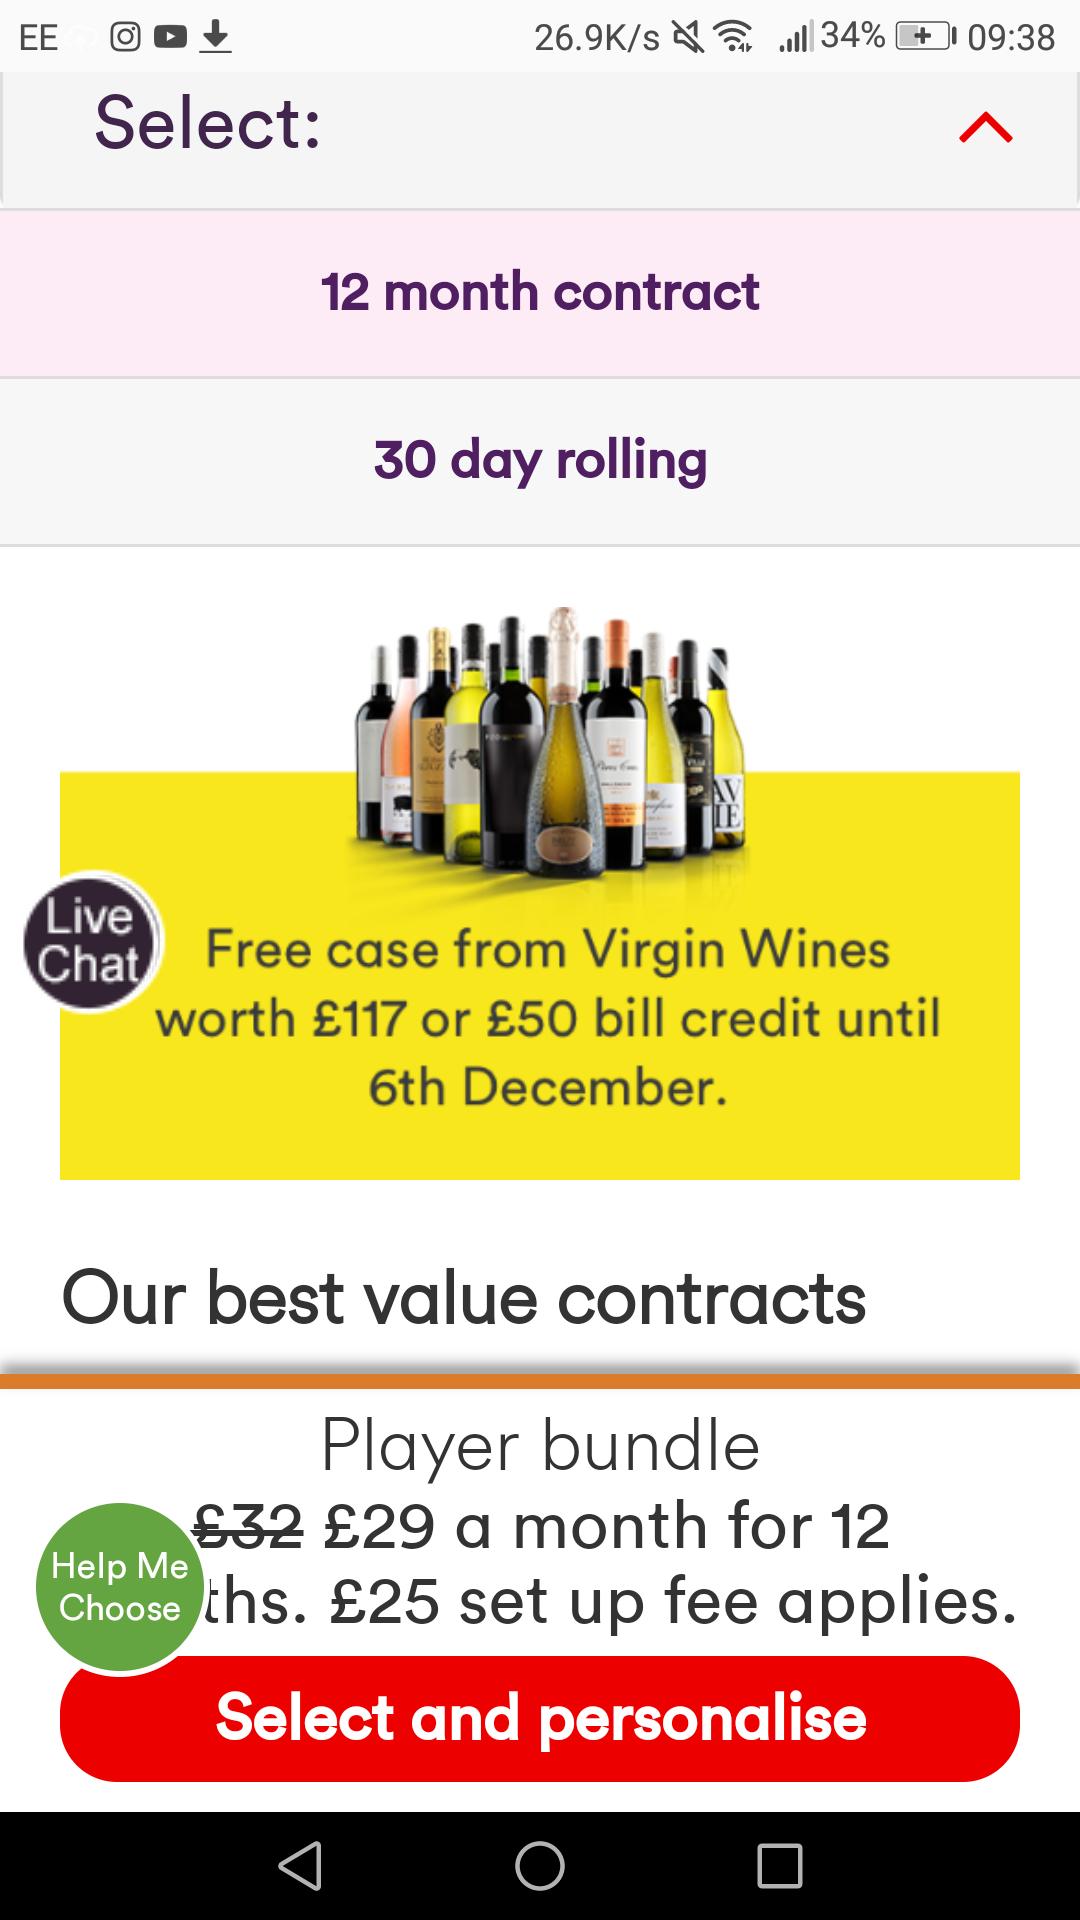 Virgin Media broadband 50Mb & TV player package. Free case of Virgin Wines worth £117 or £50 credit.